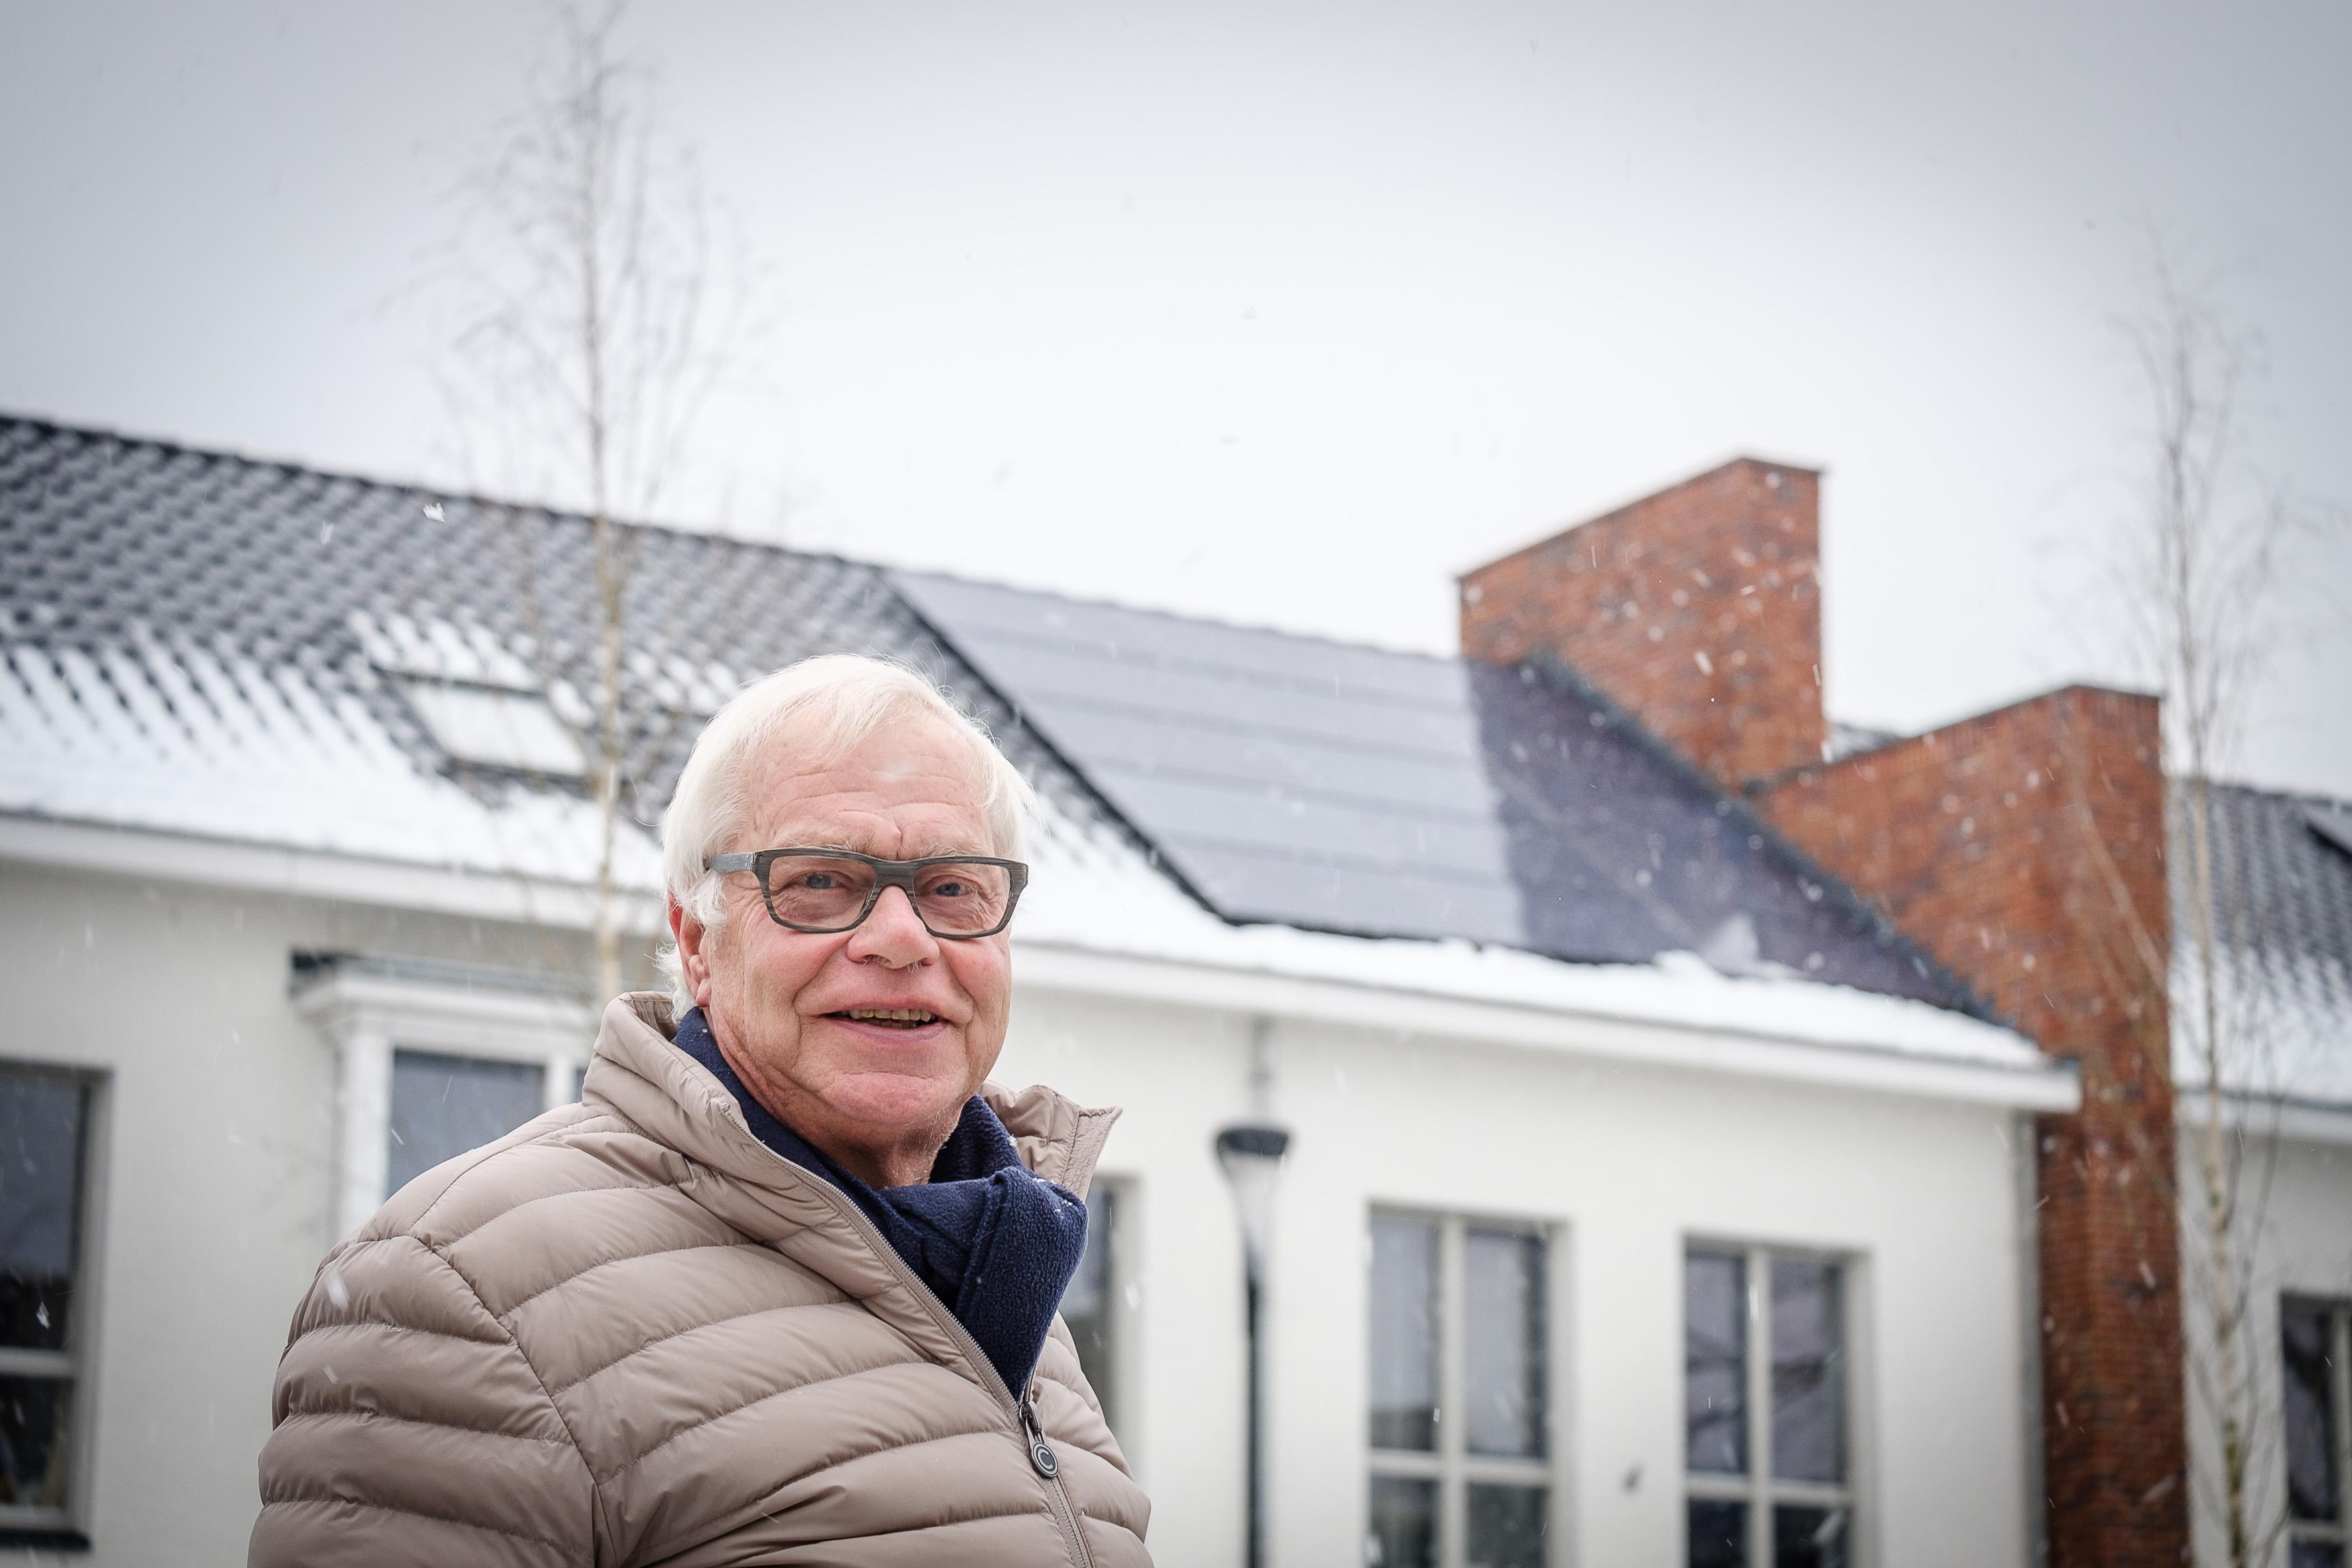 Groene lening voor zonnepanelen kan uit